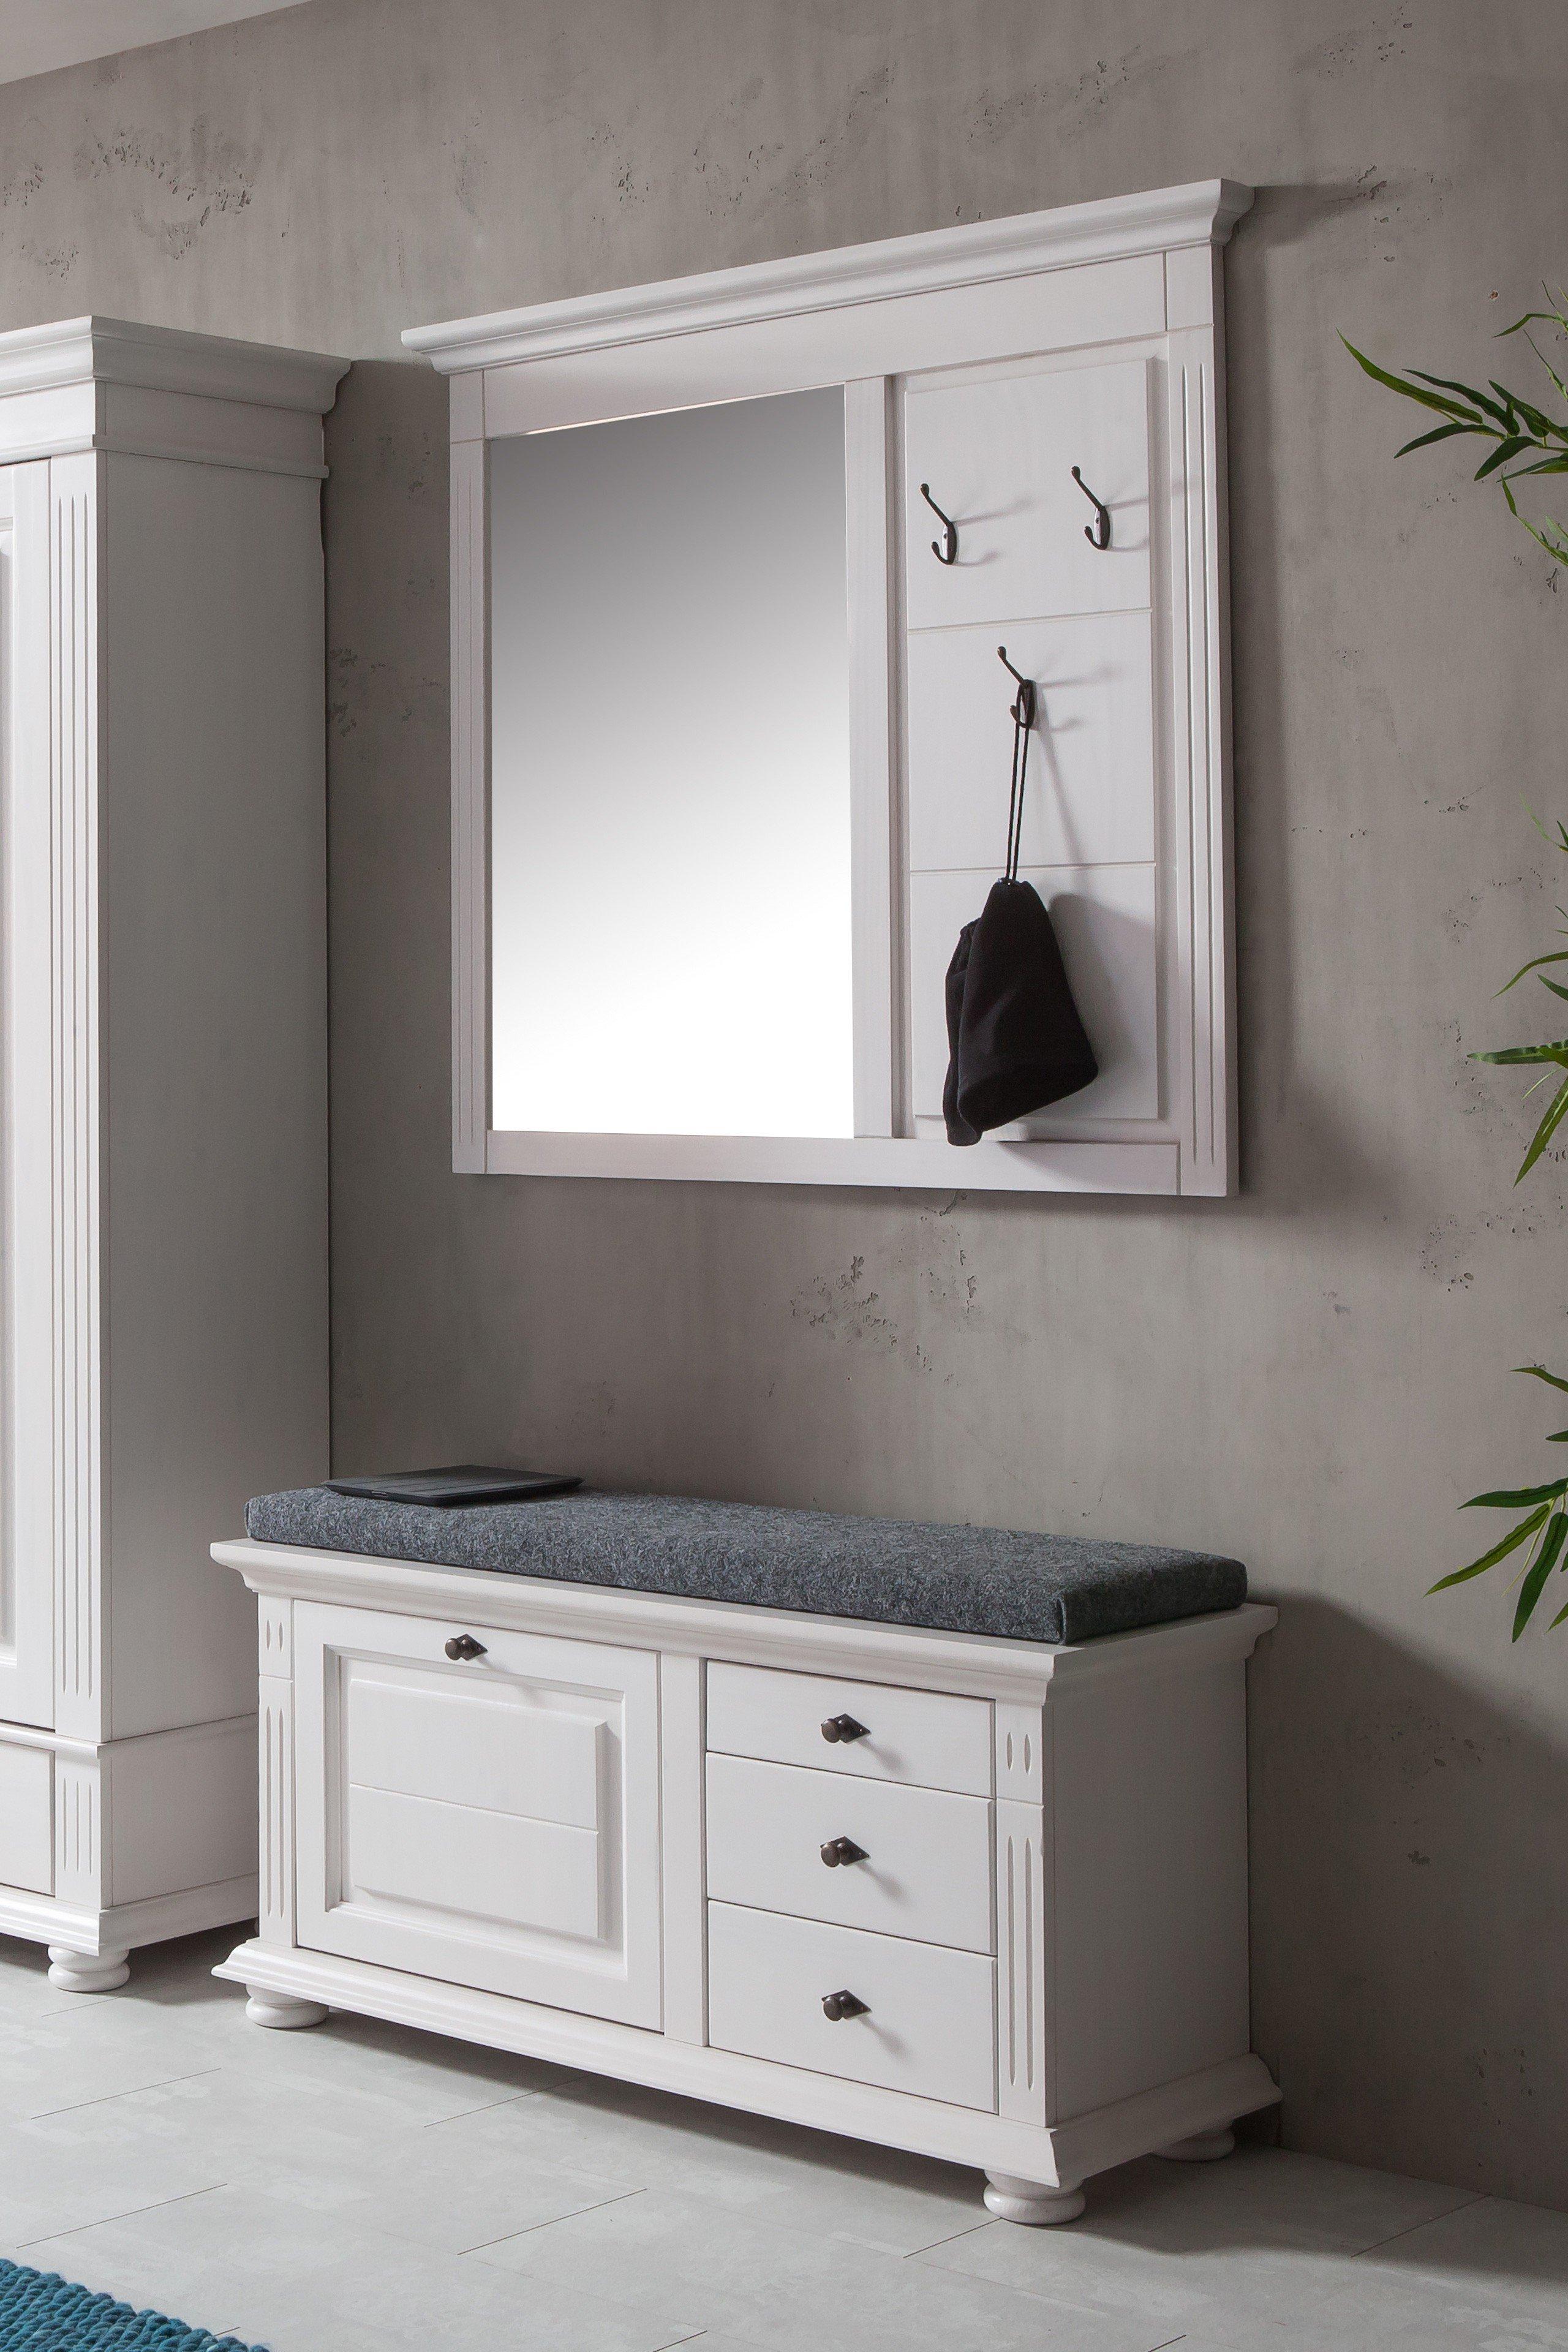 m bel online shops m bel kraft gutschein tolle m bel tolle preise sparwelt vintage m bel. Black Bedroom Furniture Sets. Home Design Ideas